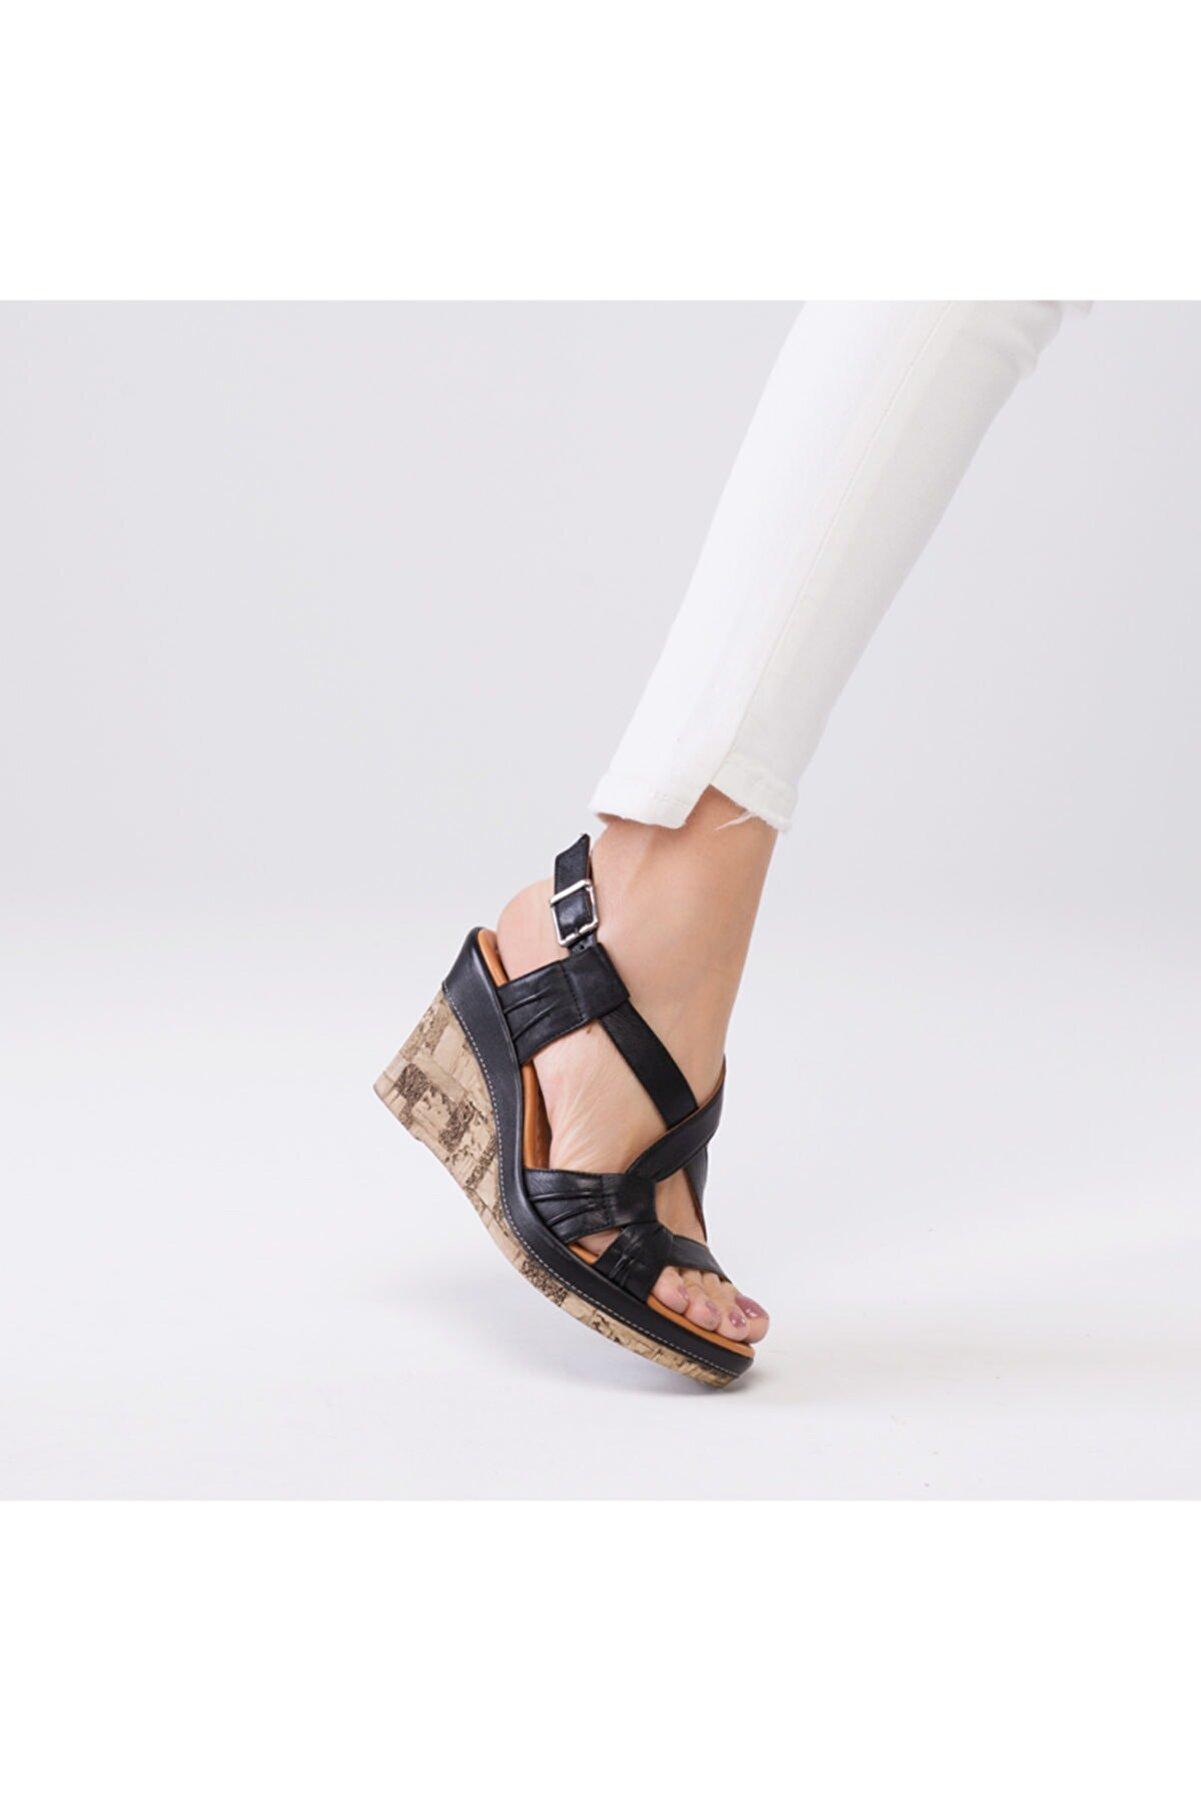 Zeynep Sıradağlı Loreana Kaplama Dolgu Deri Sandalet Siyah